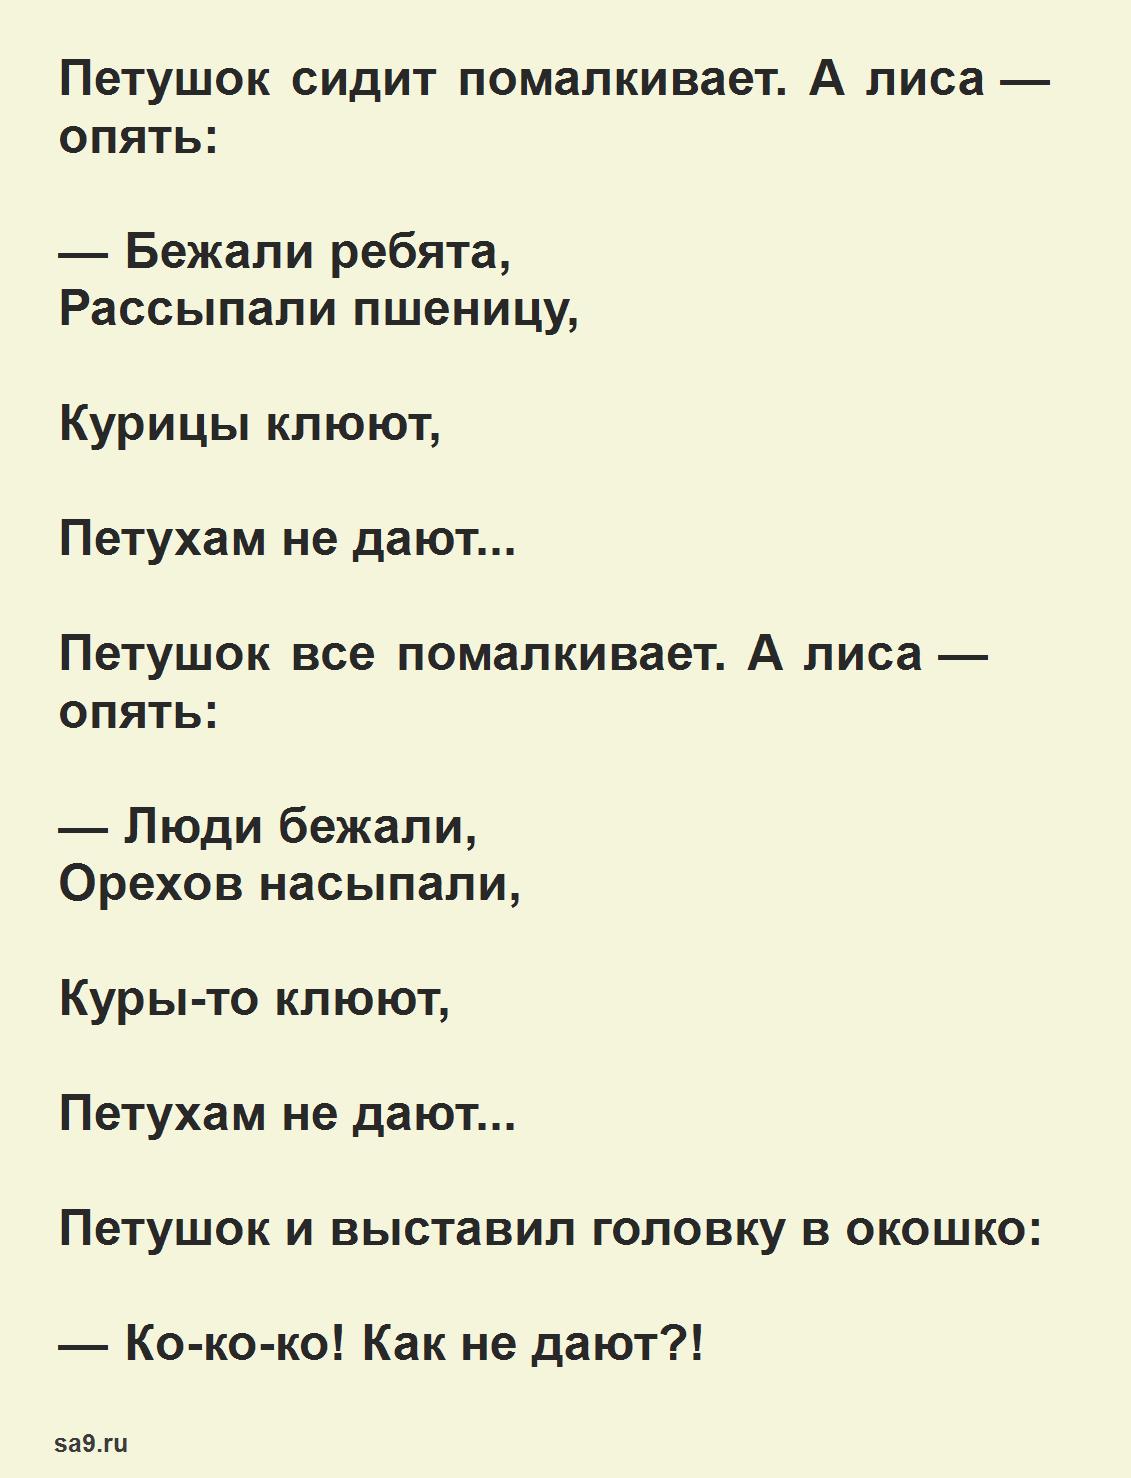 Петушок золотой гребешок - русская народная сказка, читать полностью